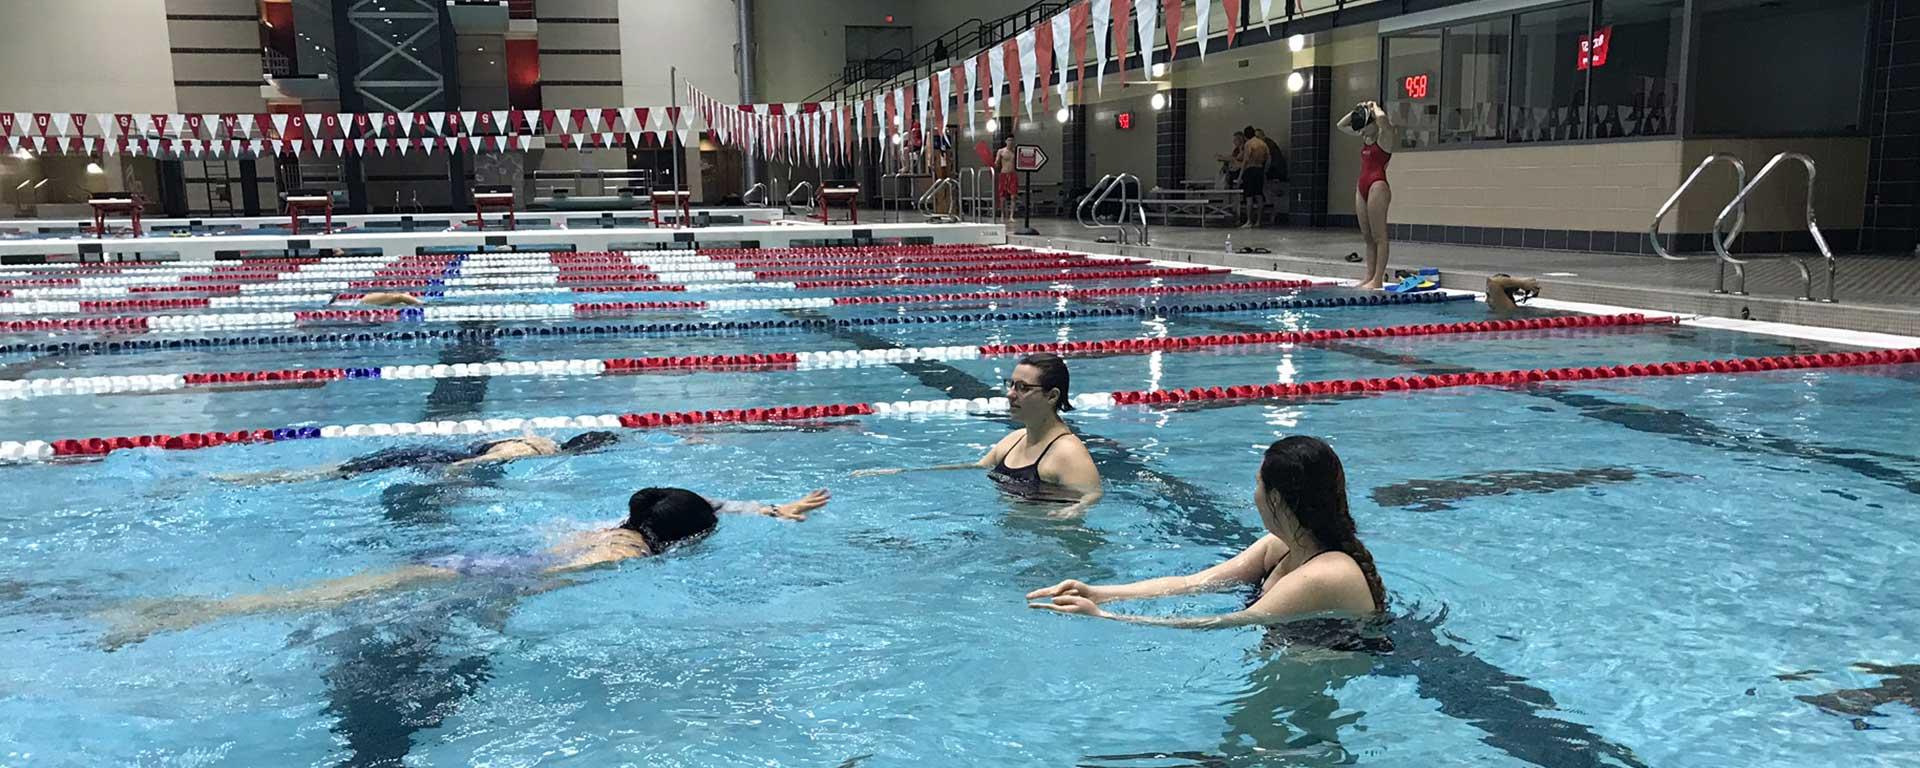 Aquatics - University of Houston